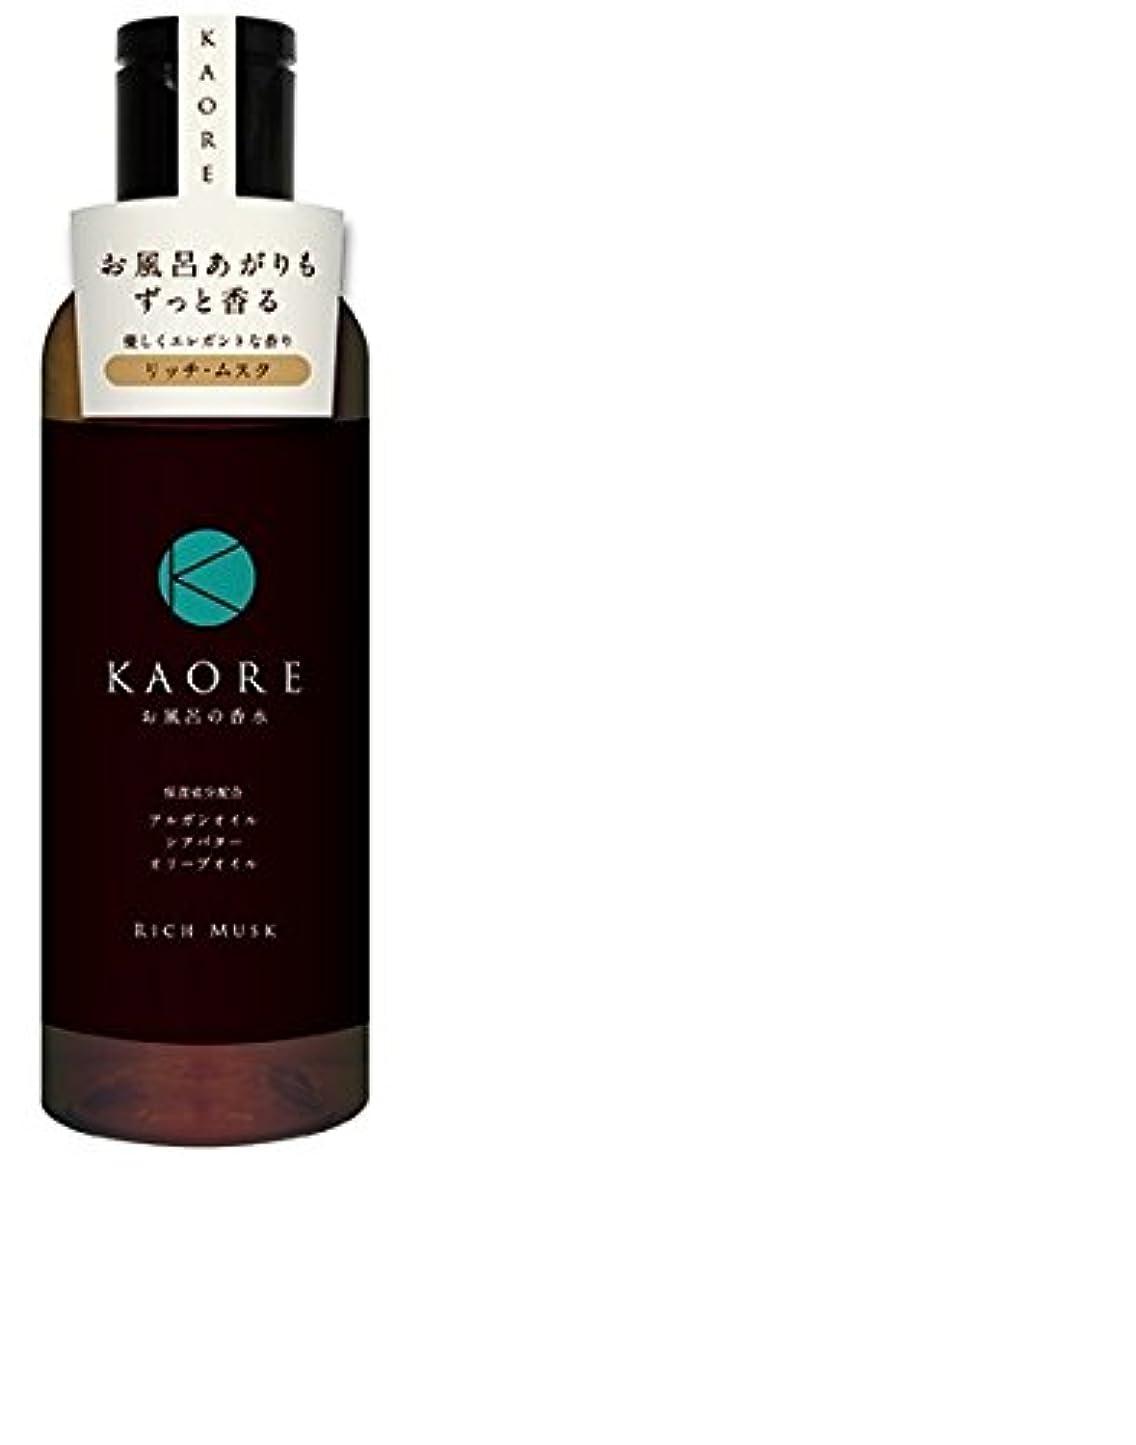 すき訴える柔らかいKAORE(カオリ) お風呂の香水 リッチムスク 200ml